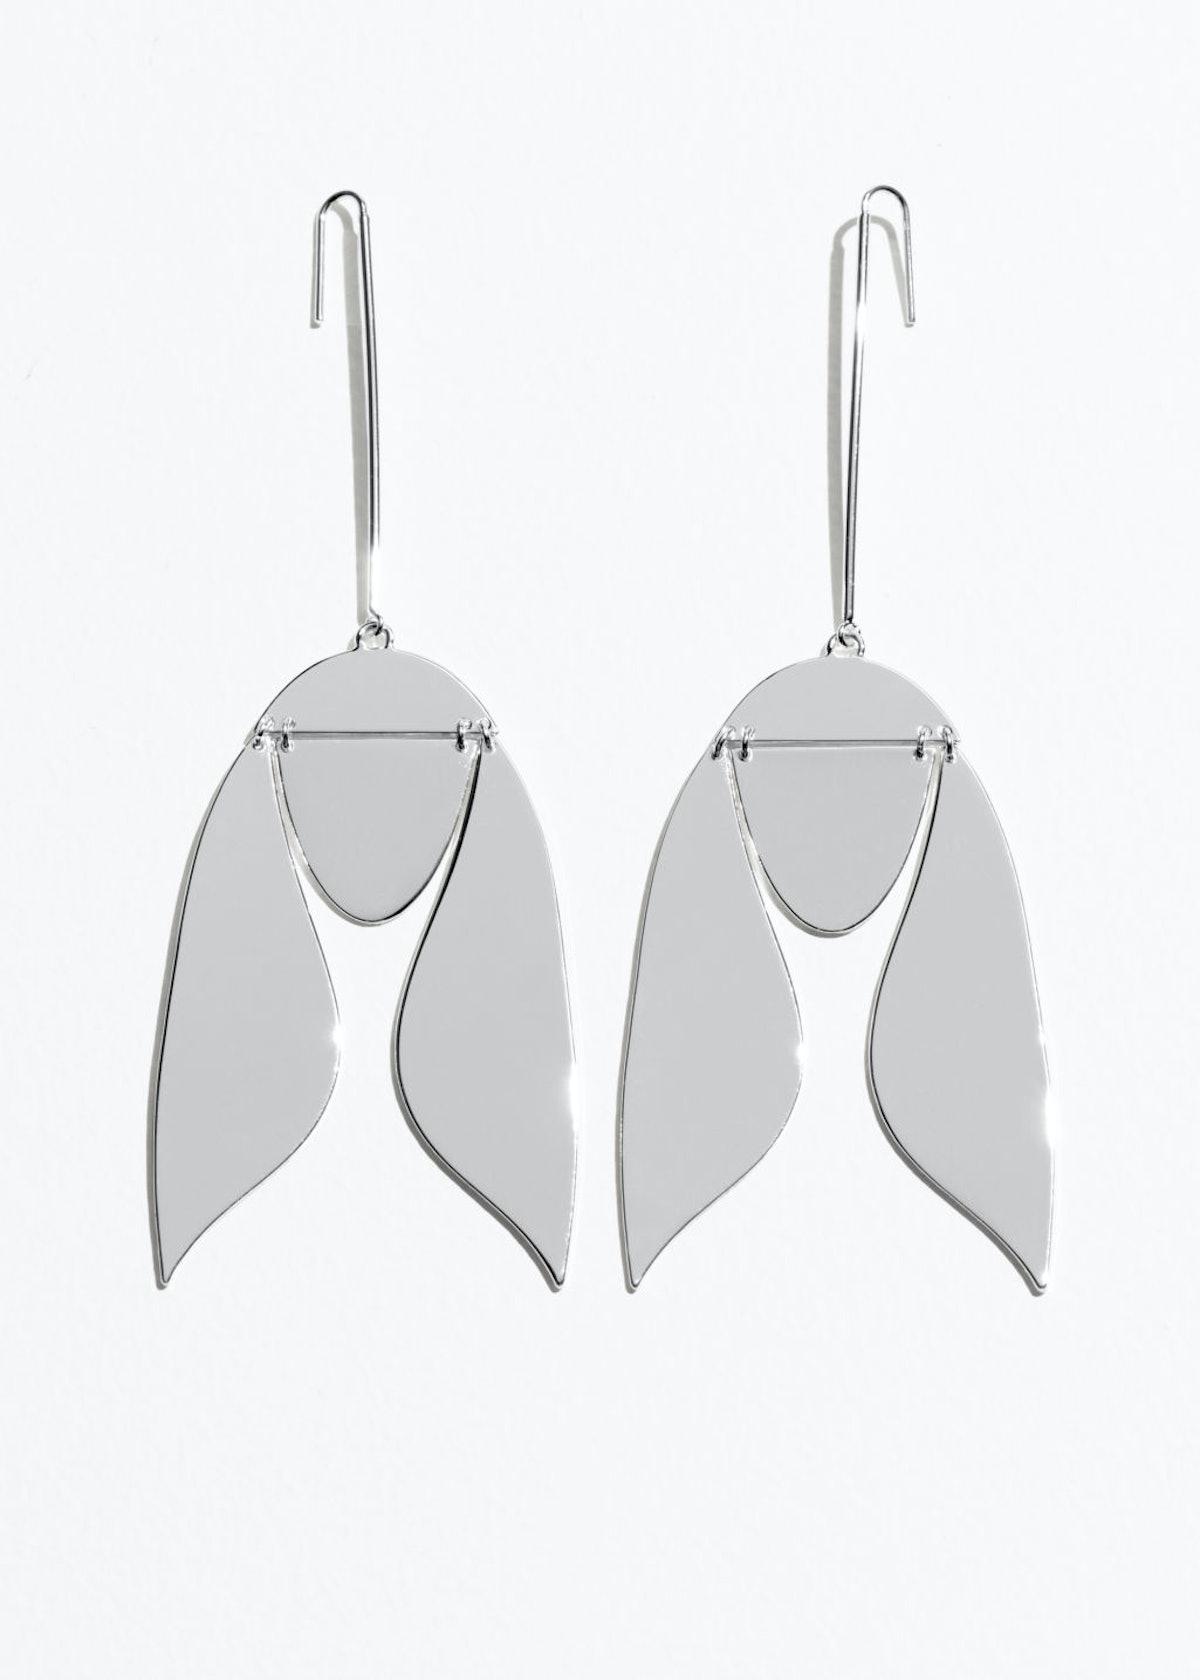 Hanging Tulip Earrings